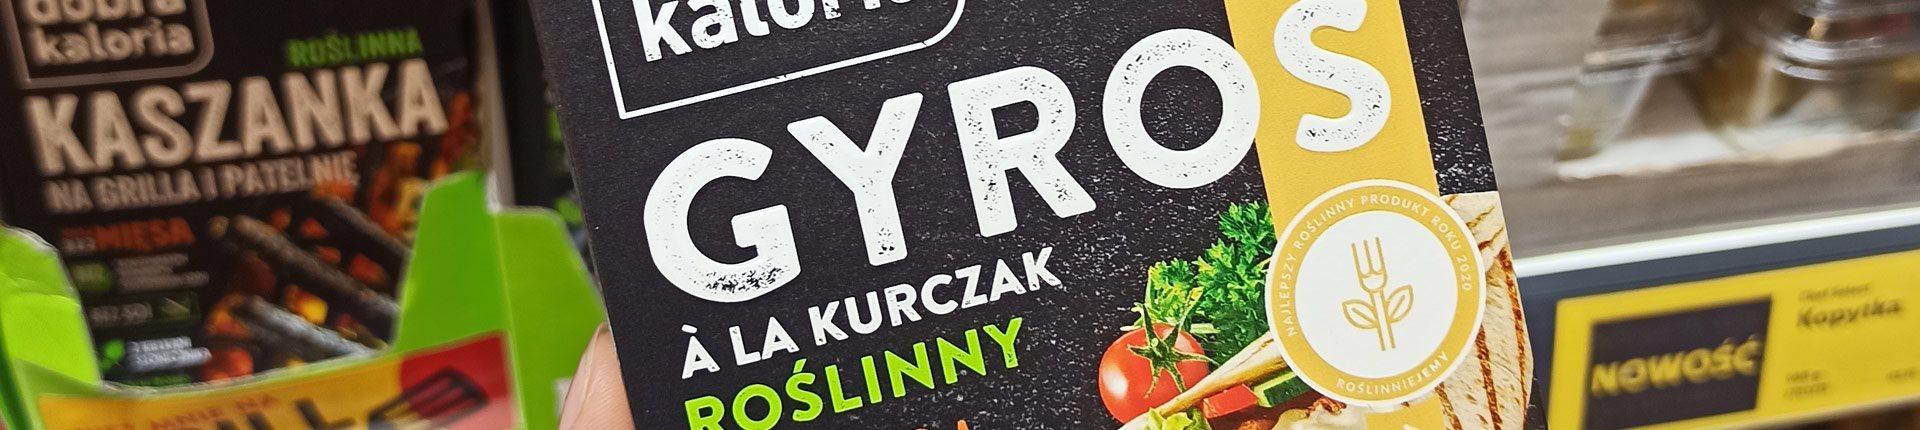 Roślinny gyros à la kurczak - ocena i recenzja produktu